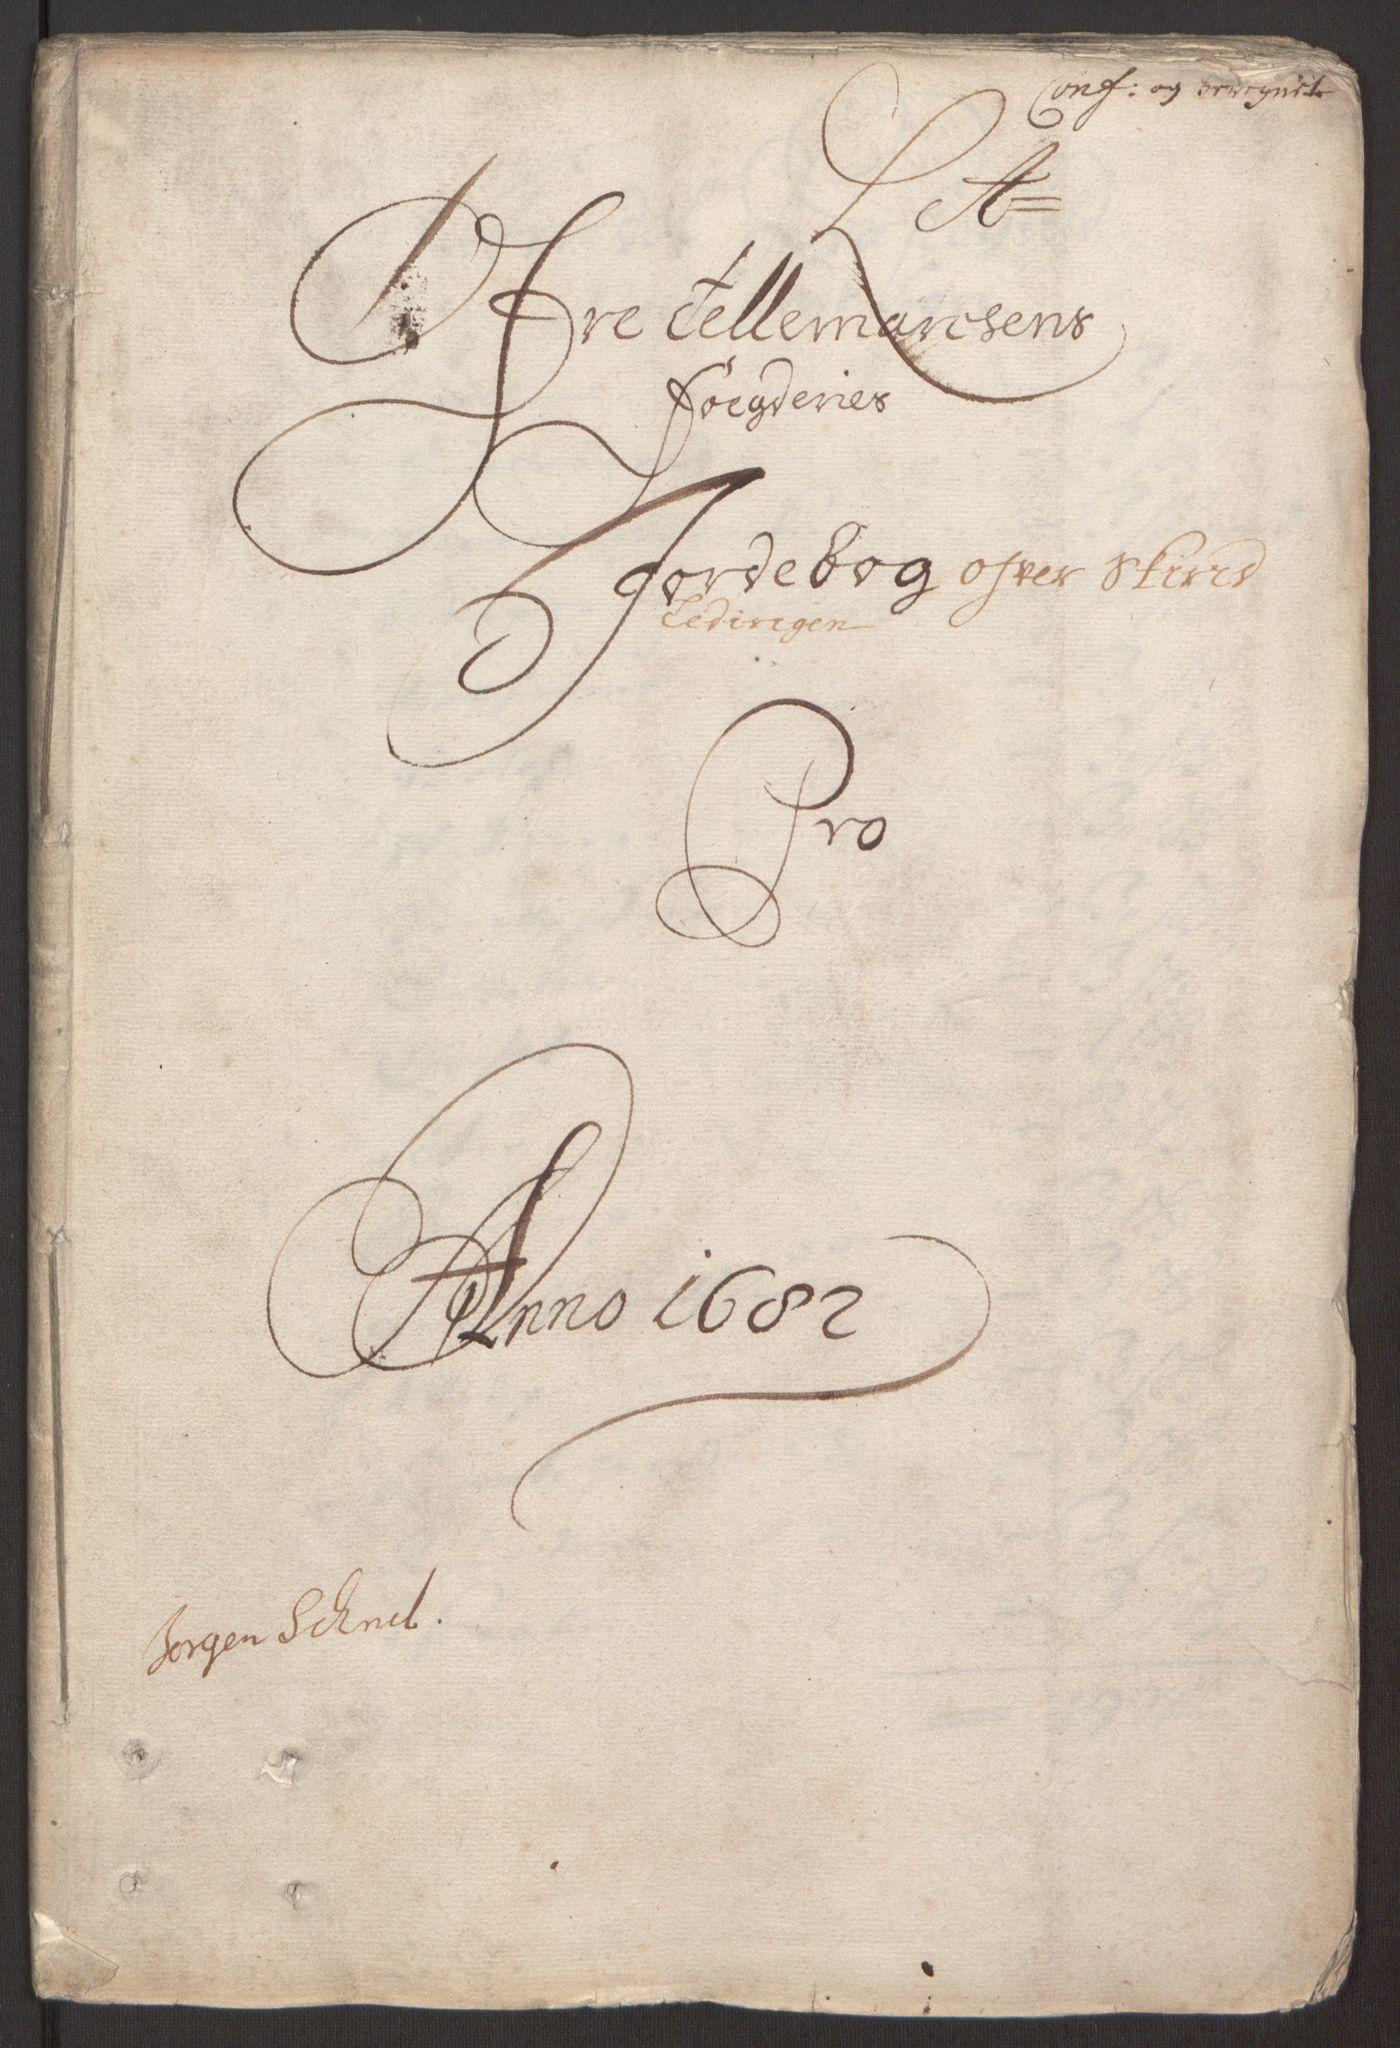 RA, Rentekammeret inntil 1814, Reviderte regnskaper, Fogderegnskap, R35/L2078: Fogderegnskap Øvre og Nedre Telemark, 1680-1684, s. 3